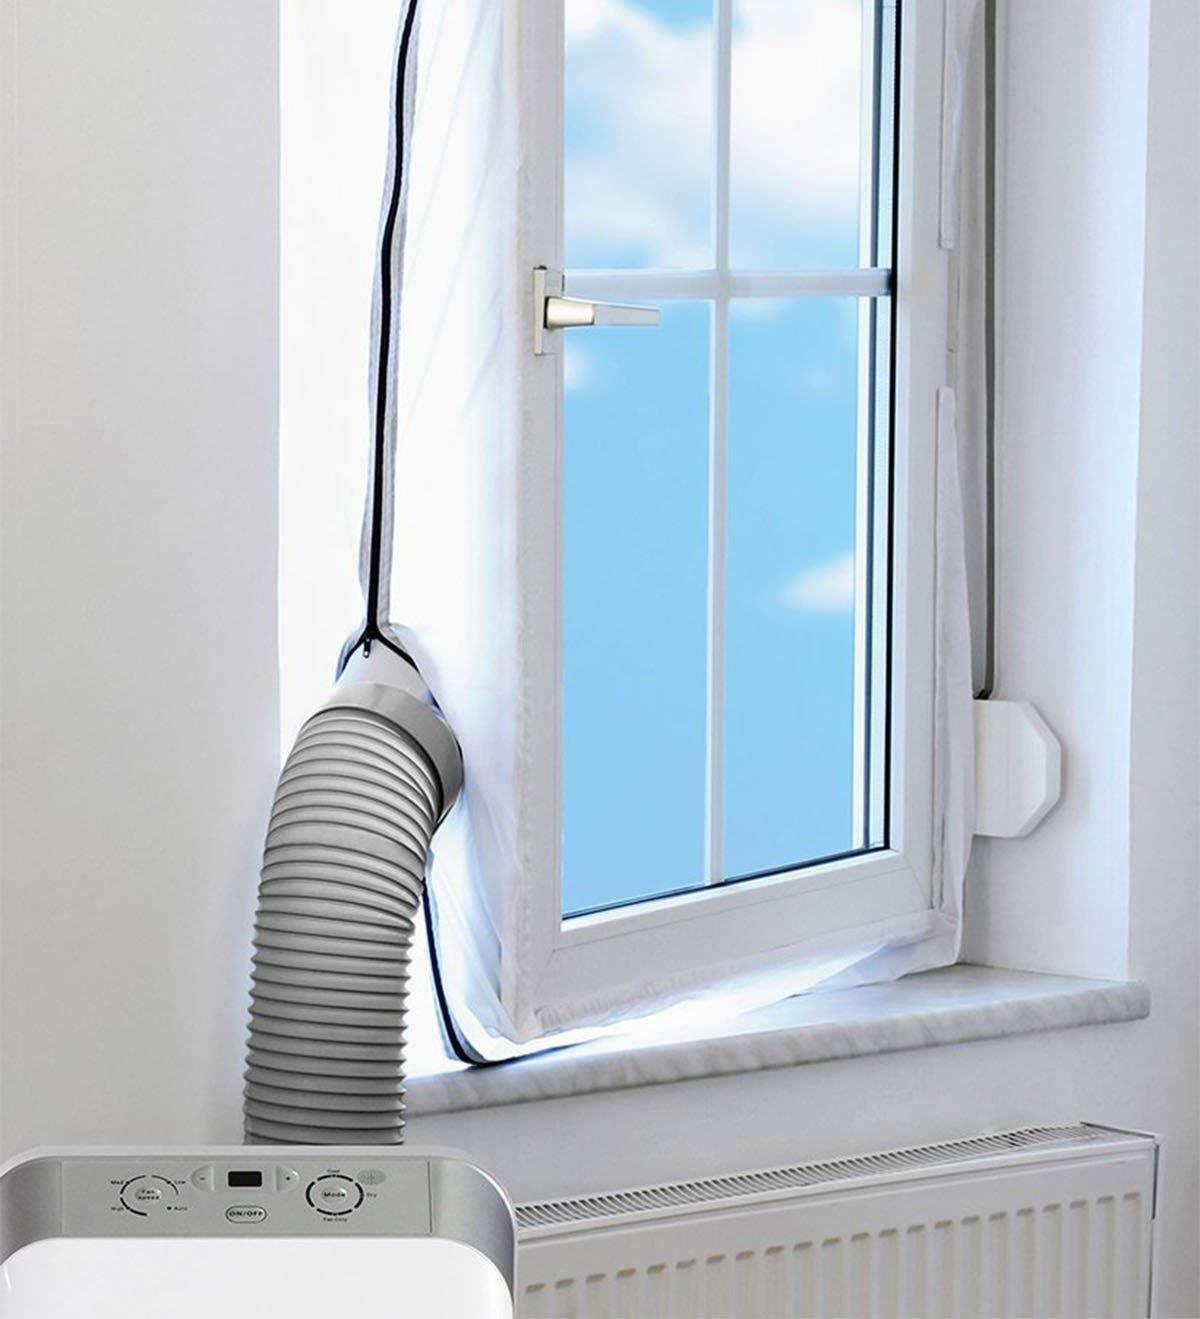 FEICHIDIANCHE AirLock Fensterabdichtung für mobile Klimageräte und Ablufttrockner mit 2 Anschlüssen, Hot Air Stop, 4M (Weiß)